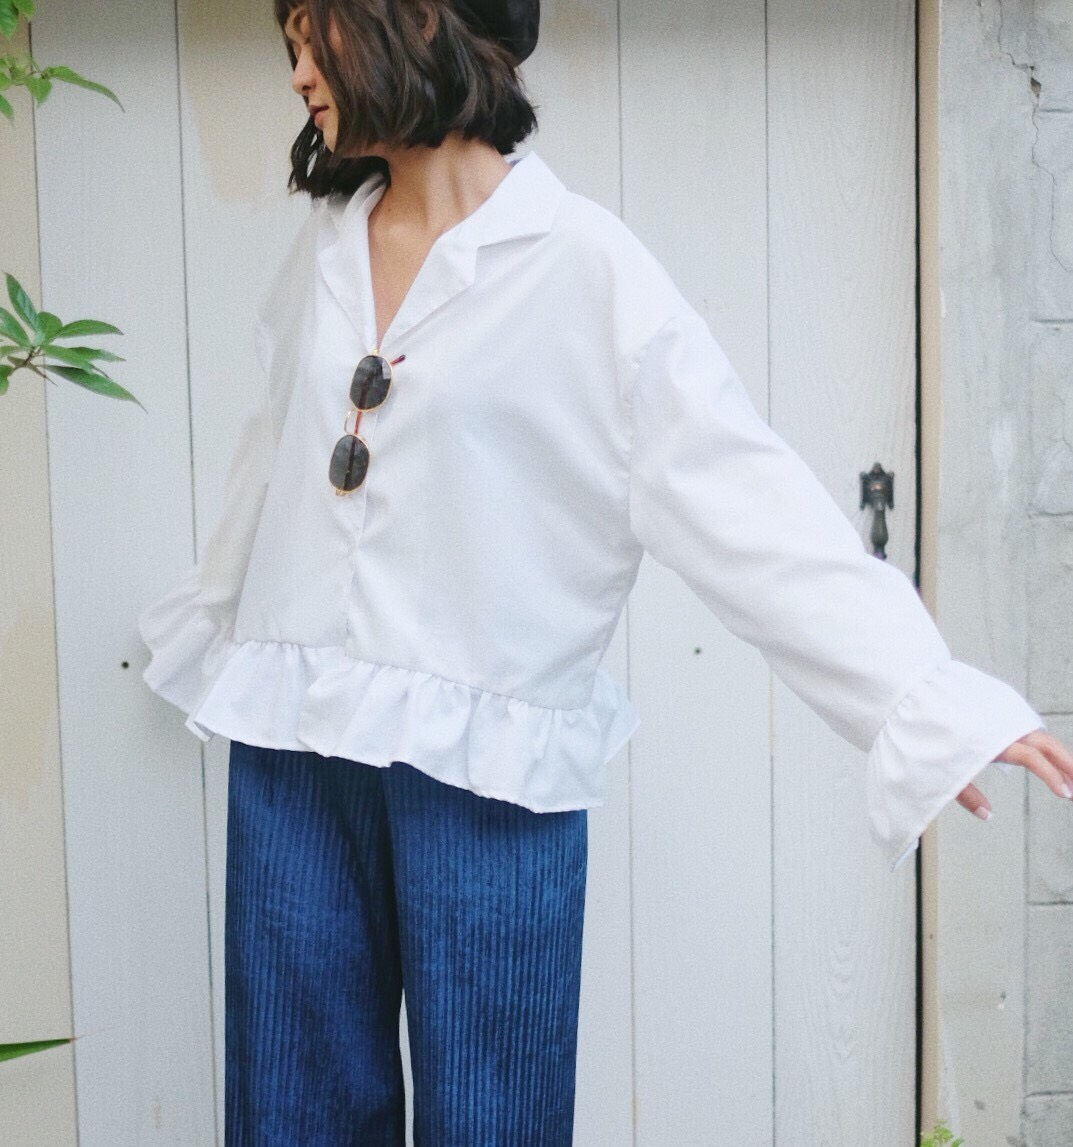 เสื้อผ้าผู้หญิง,เสื้อผู้หญิง,เสื้อเชิ้ต,เสื้อเชิ้ตผู้หญิง,เสื้อเชิ้ตแขนยาว,เสื้อแขนยาว